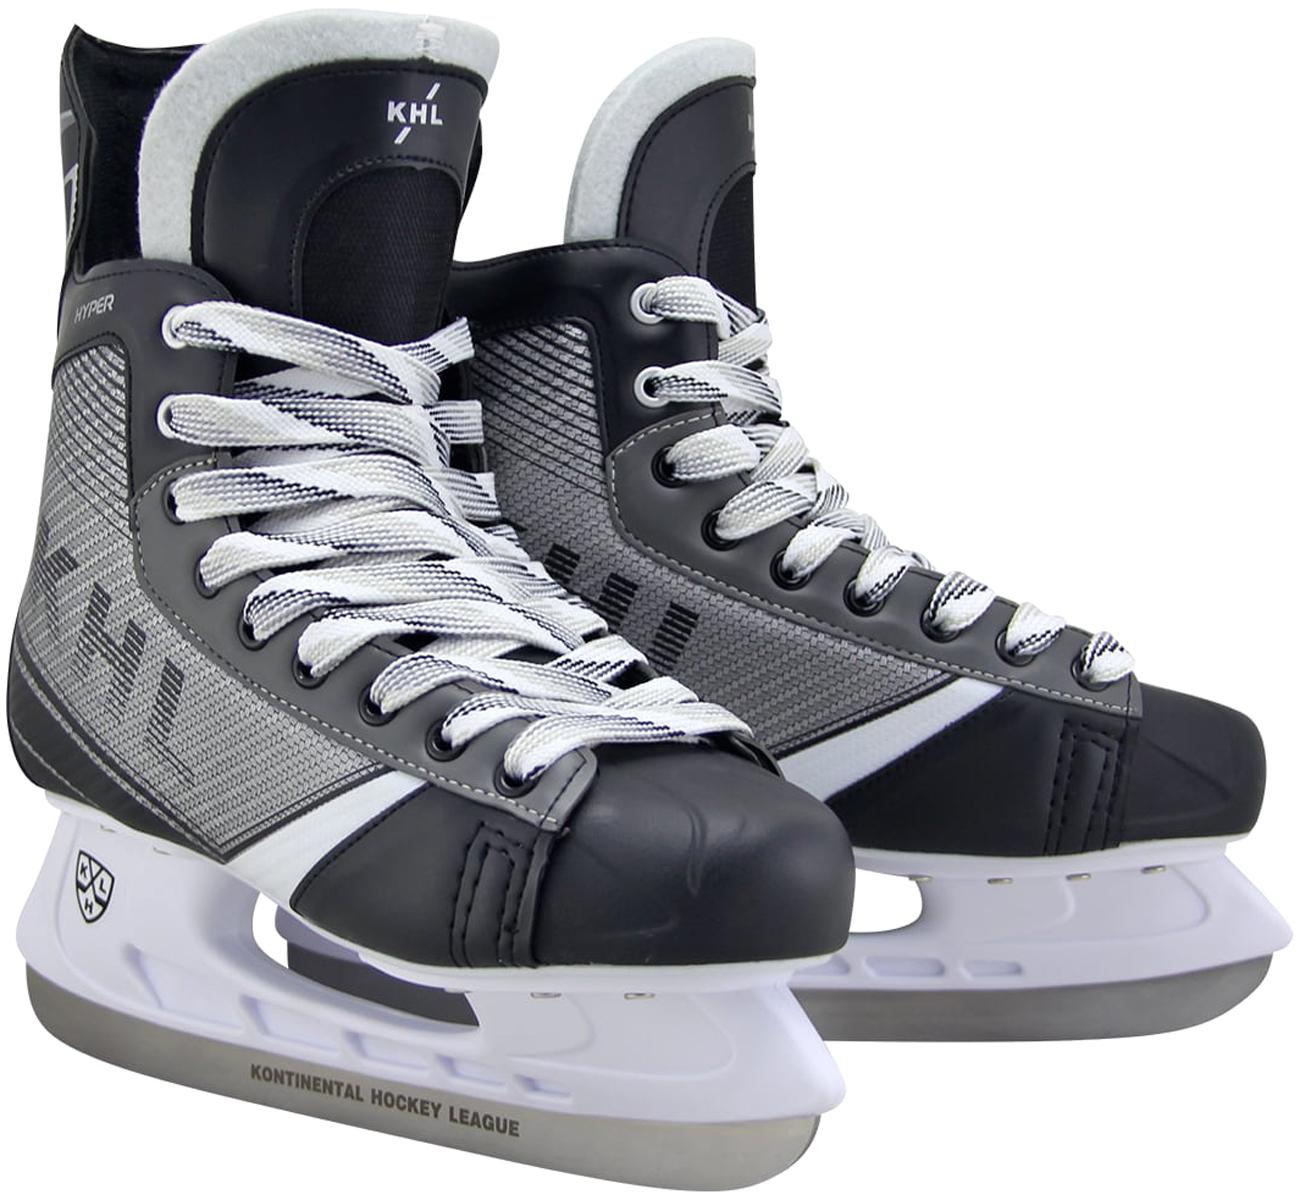 Коньки хоккейные мужские KHL Hyper, цвет: серый, черный, белый. Размер 43УТ-00010445Хоккейные коньки KHL Hyper являются официальной лицензионной продукцией Континентальной Хоккейной Лиги (КХЛ). Это прекрасная любительская модель коньков с уникальным стильным дизайном, выполненным в новой стилистической концепции КХЛ. В таких коньках Вы будете выделяться на любом катке. Коньки КХЛ Hyper - это прекрасный подарок для любого любителя хоккея! Усиленная жесткость ботинка, износостойкие материалы устоучивые к порезам, дополнительные вставки из EVA и MEMORY foam.Коньки поставляются в стильной коробке и с заводской заточкой лезвия, что позволяет сразу приступить к катанию, не тратя времени и денег на заточку. Коньки подходят для использования на открытом и закрытом льду.Усиленная жесткость ботинка, износостойкие материалы устоучивые к порезам, дополнительные вставки из EVA и MEMORY foam.Основные характеристики: Назначение: хоккейные конькиТип фиксации: шнуркиРазмеры: 37, 38, 39, 40, 41, 42, 43, 44, 45, 46Цвет: черный, серый, белыйДополнительные характеристики:Материал ботинка: искусственная кожа, высокопрочная нейлоновая ткань, ударостойкий пластикВнутренняя отделка: текстильные материалыЛезвие: выполнено из высокоуглеродистой стали с покрытием из никеляУпаковка: красочная коробка Дополнительно: гарантия 1 год